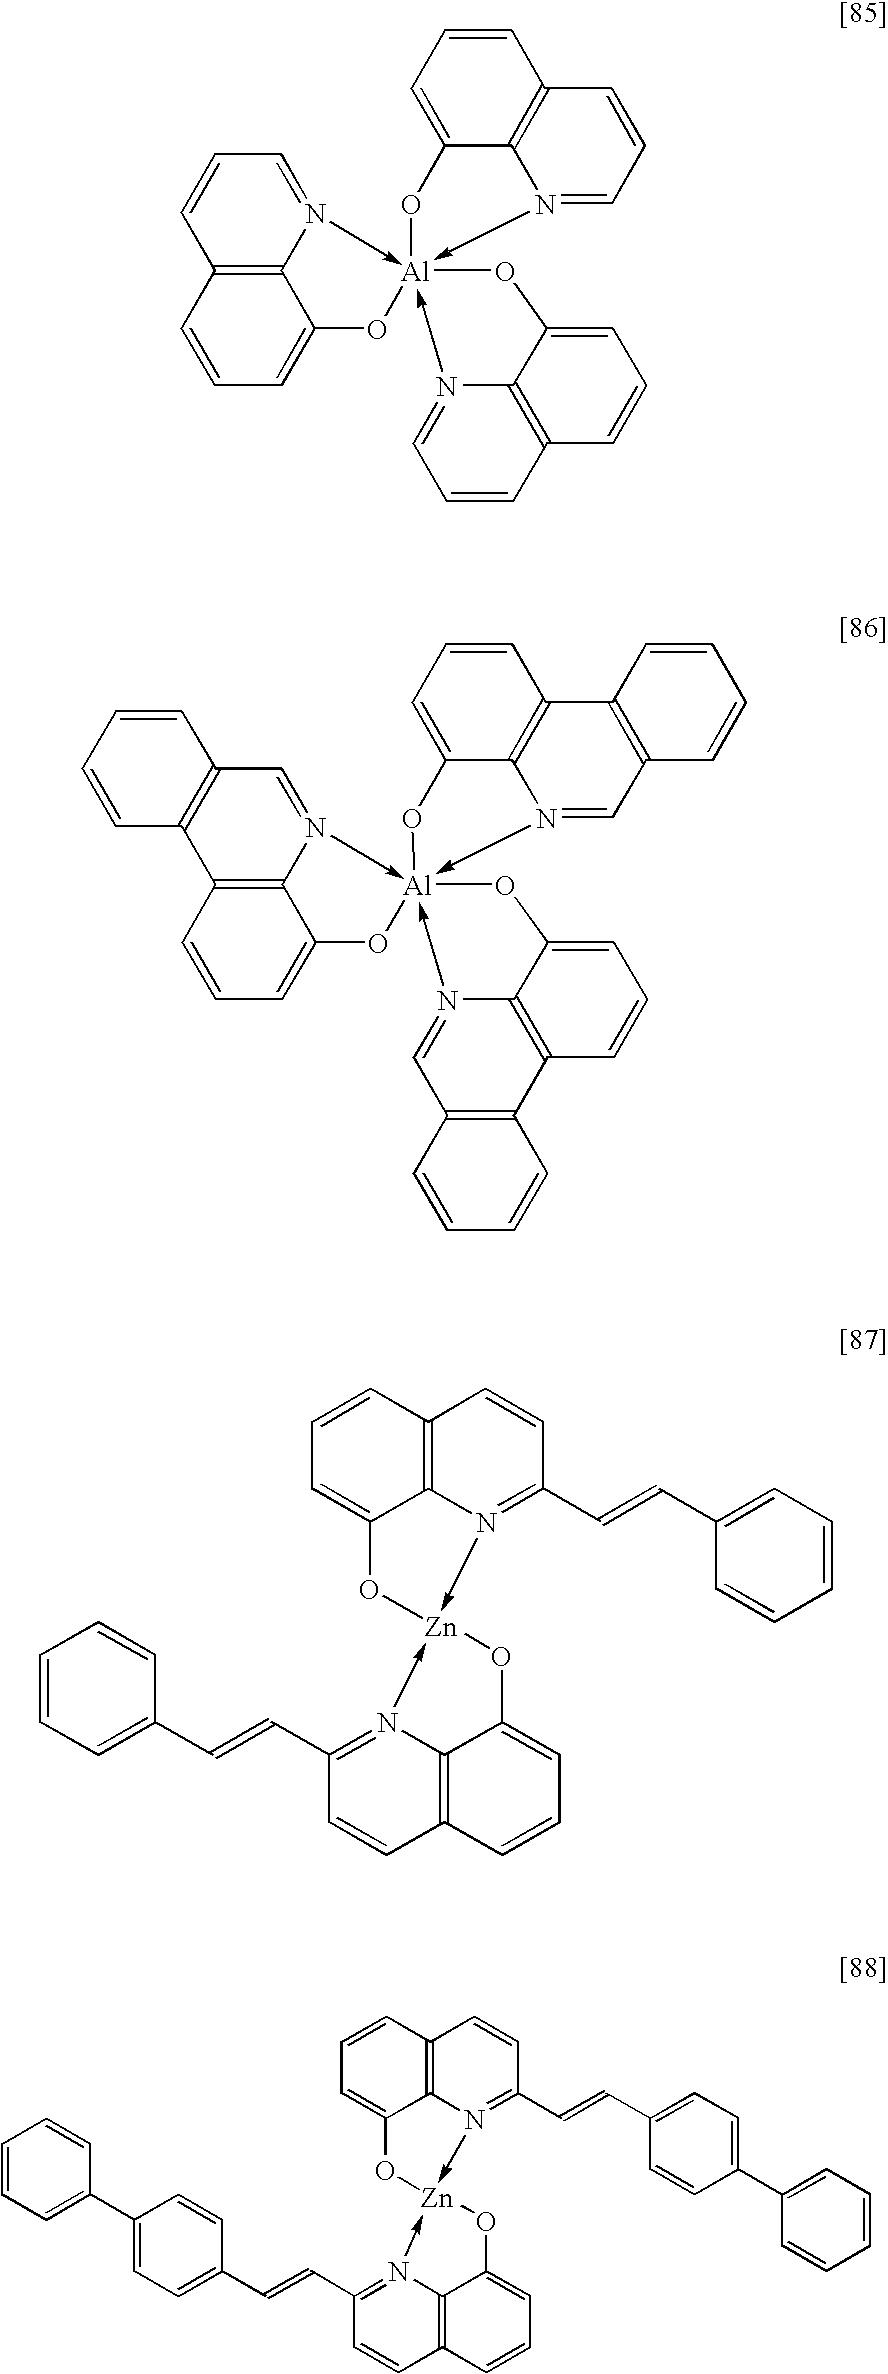 Figure US08349472-20130108-C00023